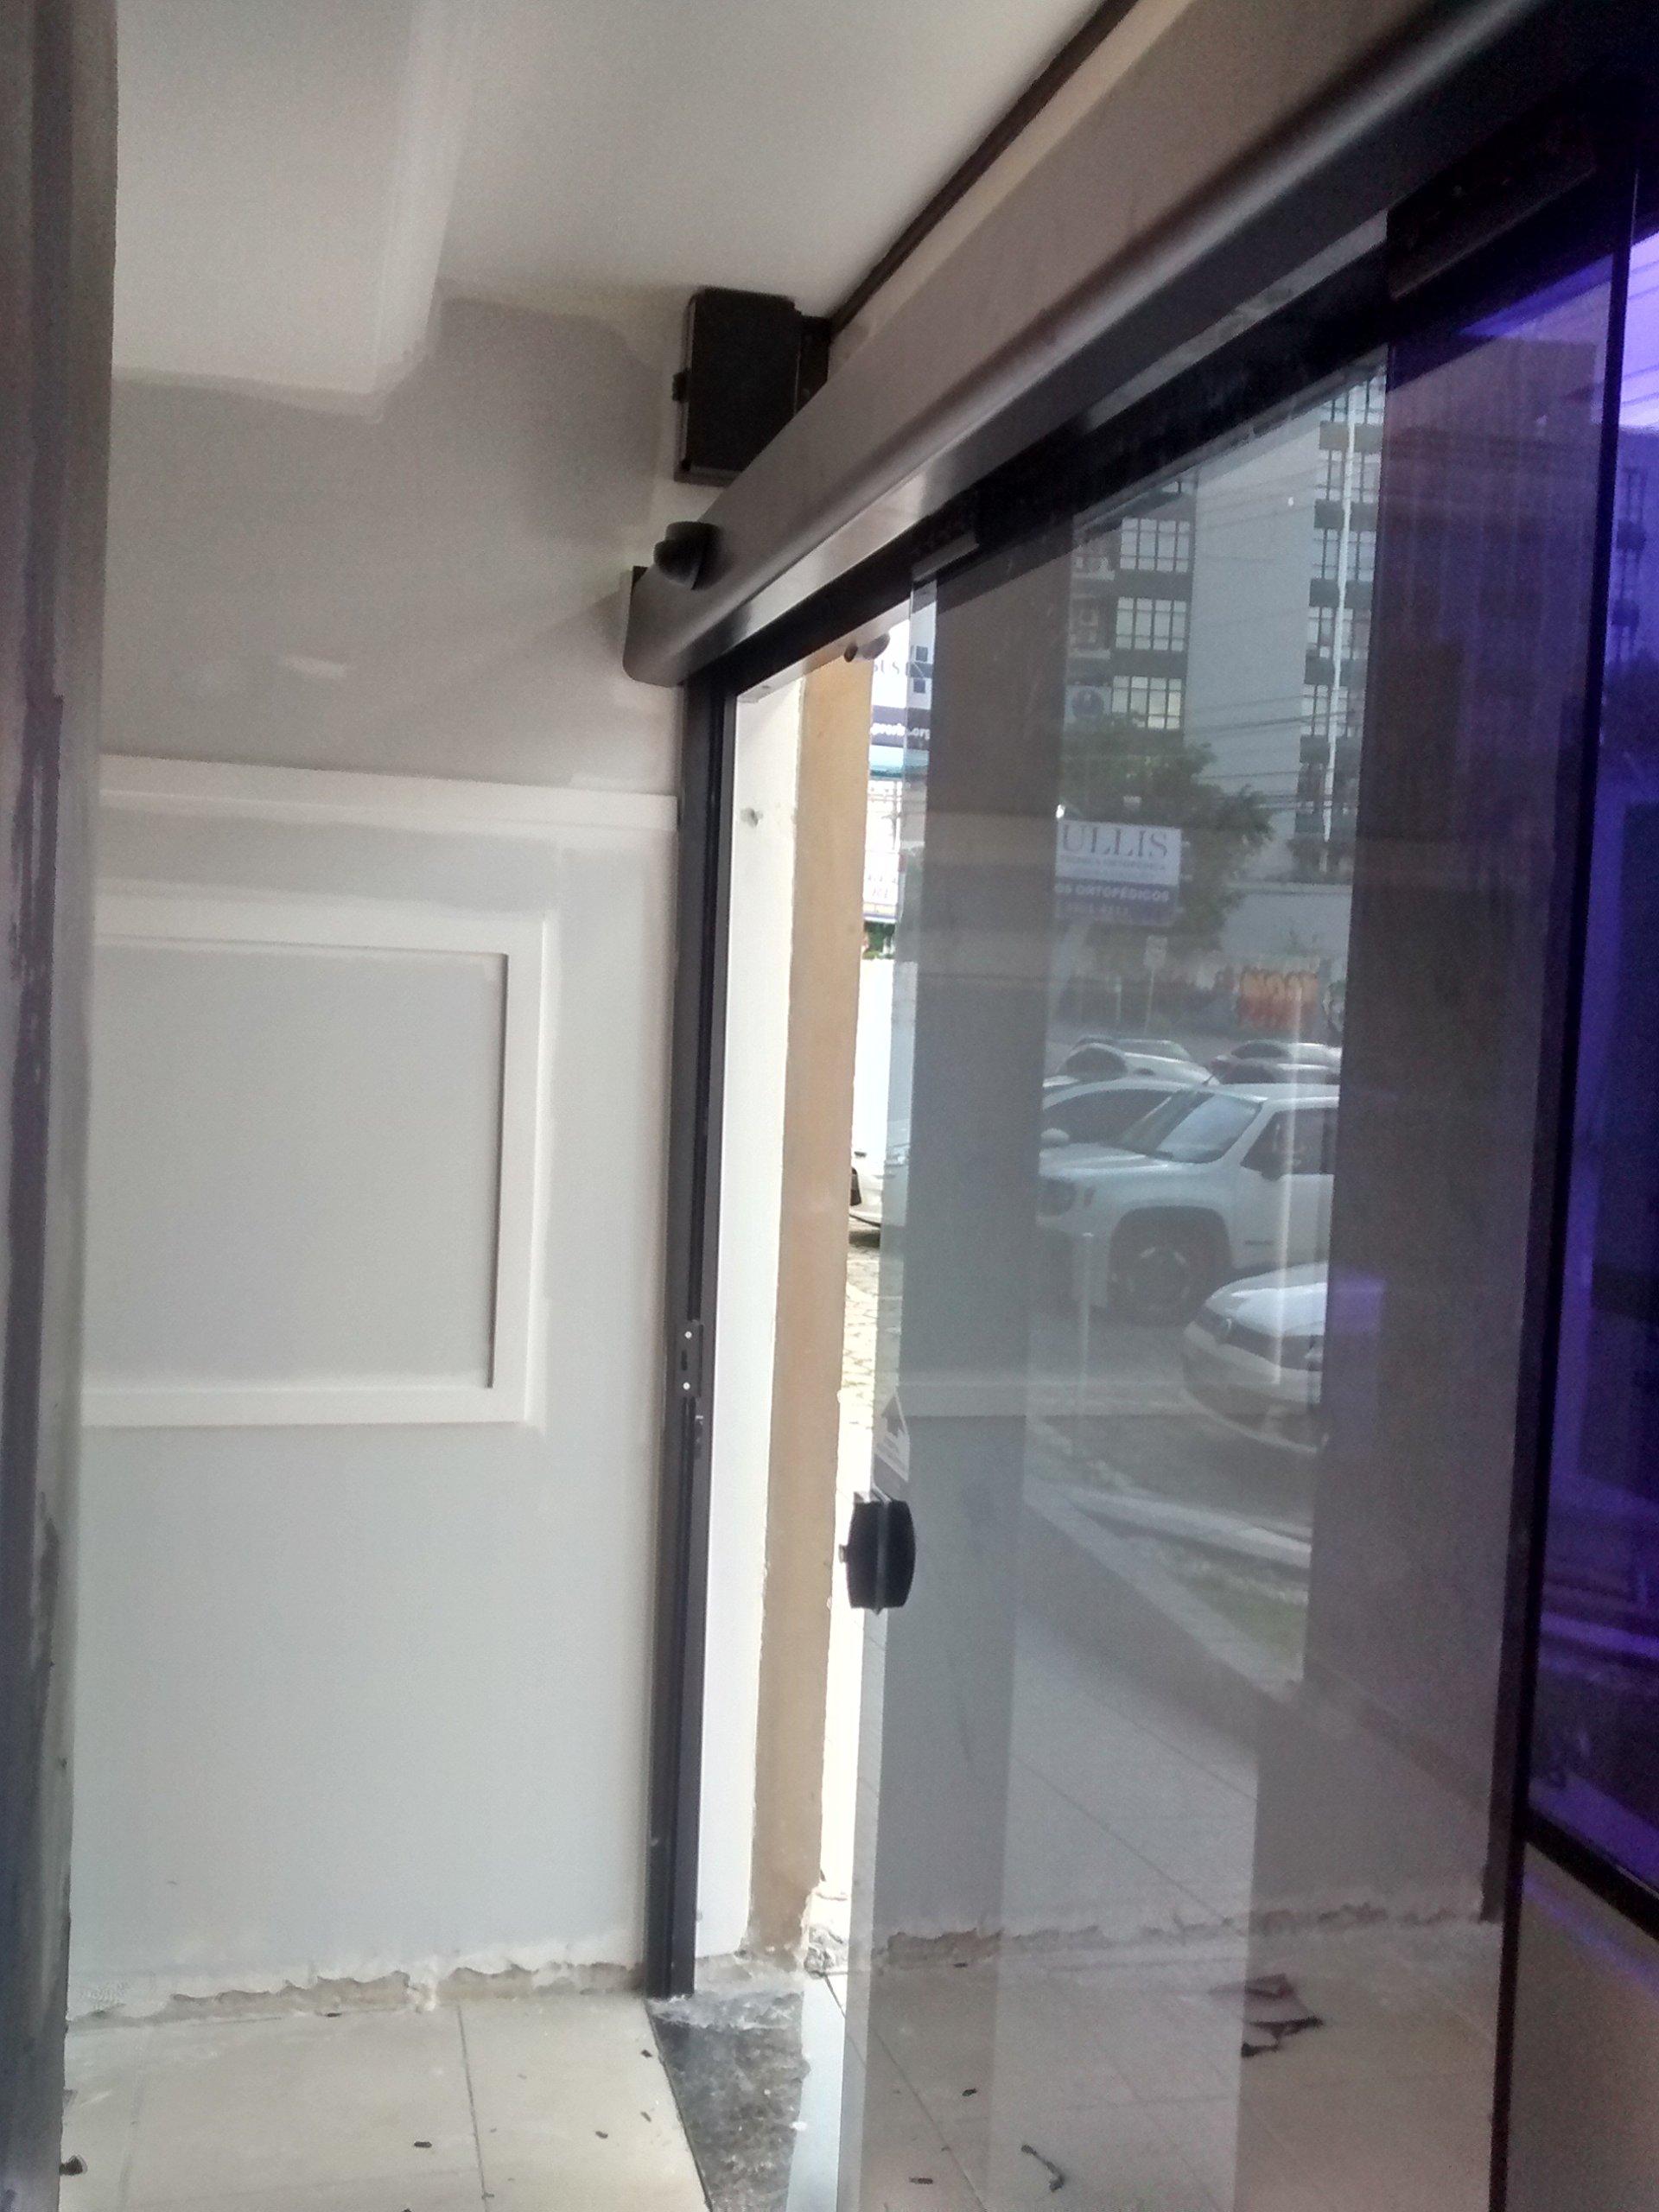 Automatic Door Opener, Electric Sliding Door Operator, Automatic Door Mechanism by Olide (Image #8)